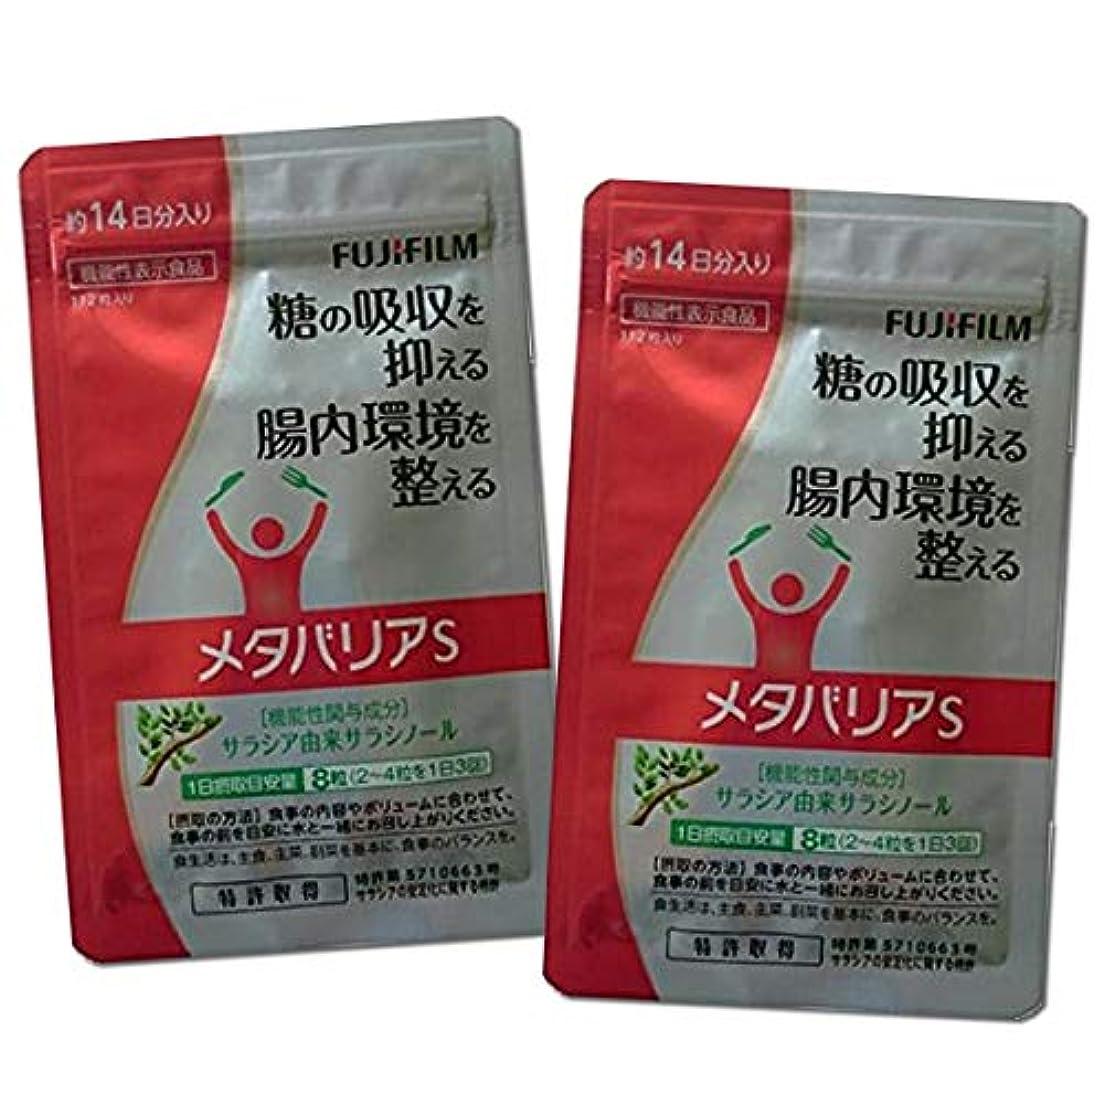 メタバリアS 112粒 × 2袋